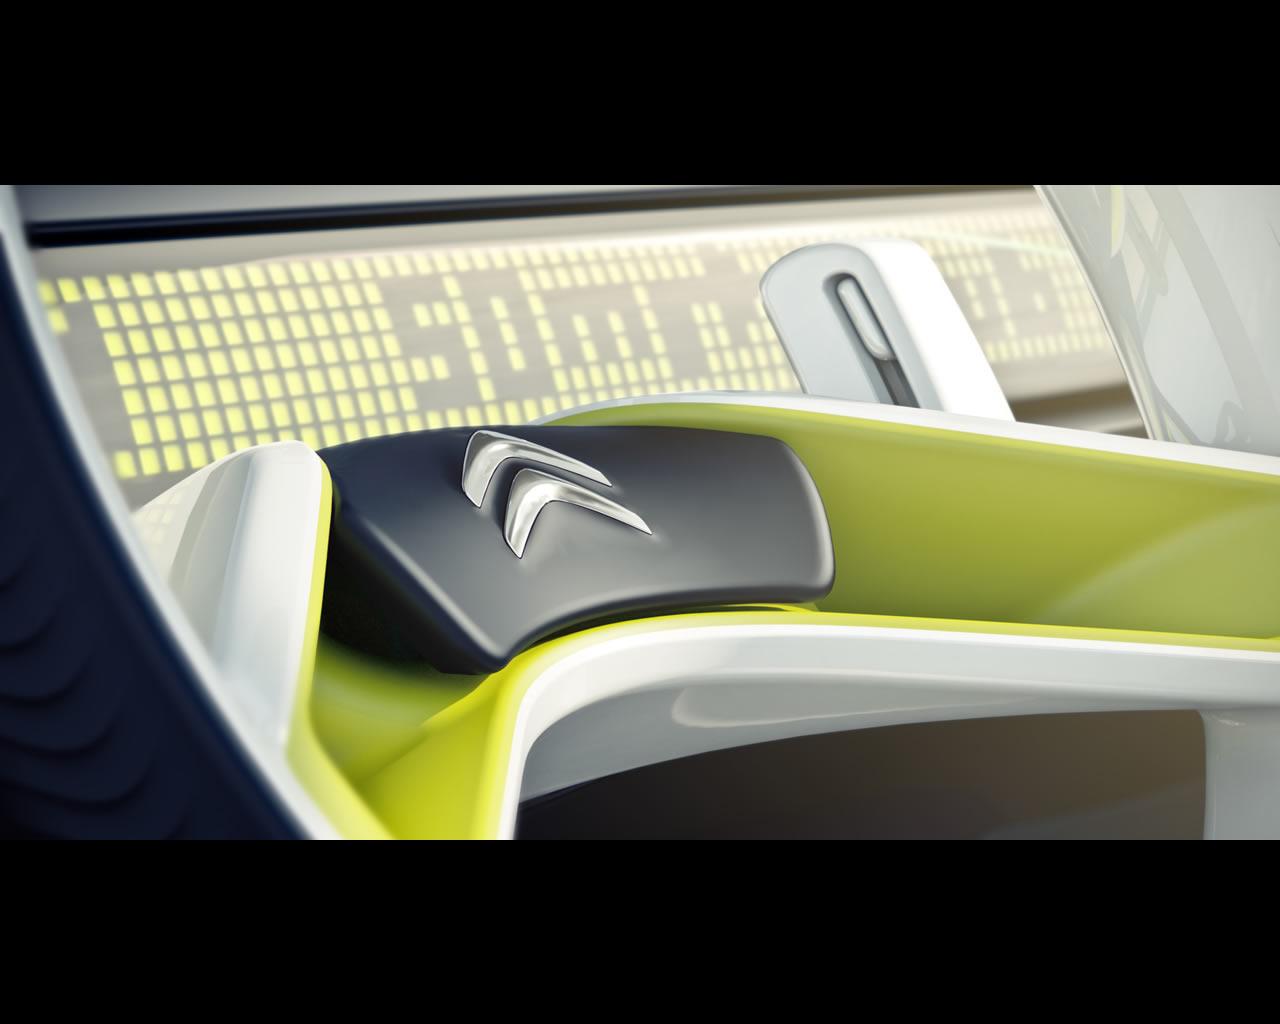 Citron lacoste concept 2010 citroen lacoste concept 2010 vanachro Images